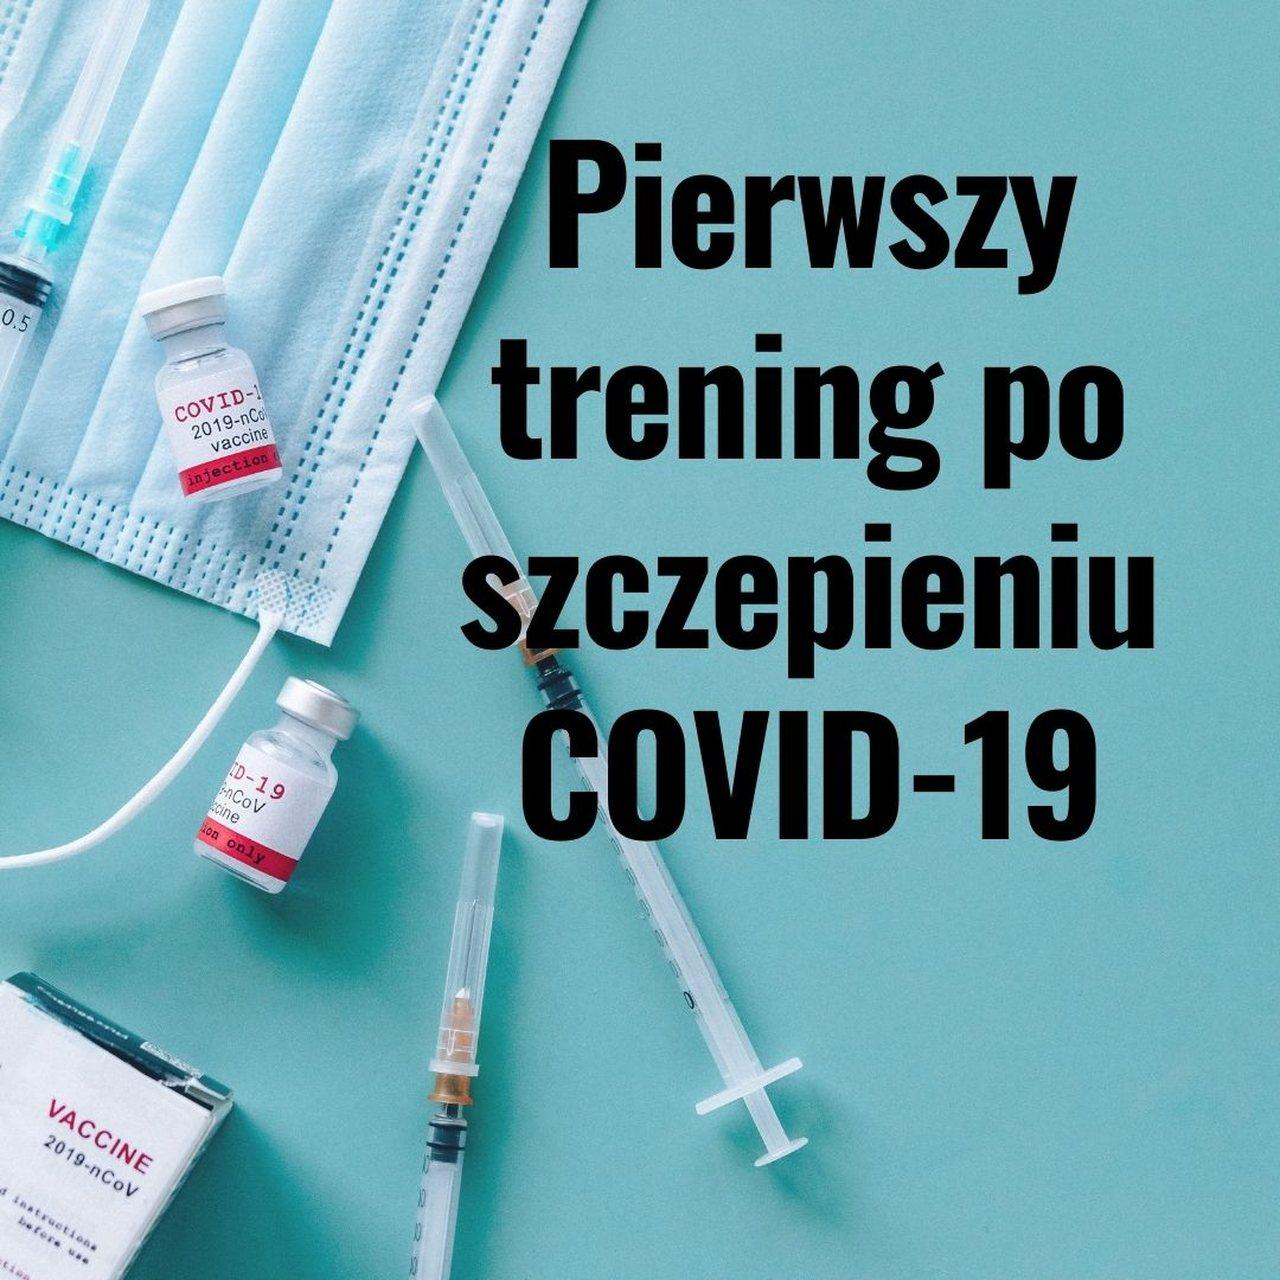 Pierwszy trening po szczepieniu COVID-19